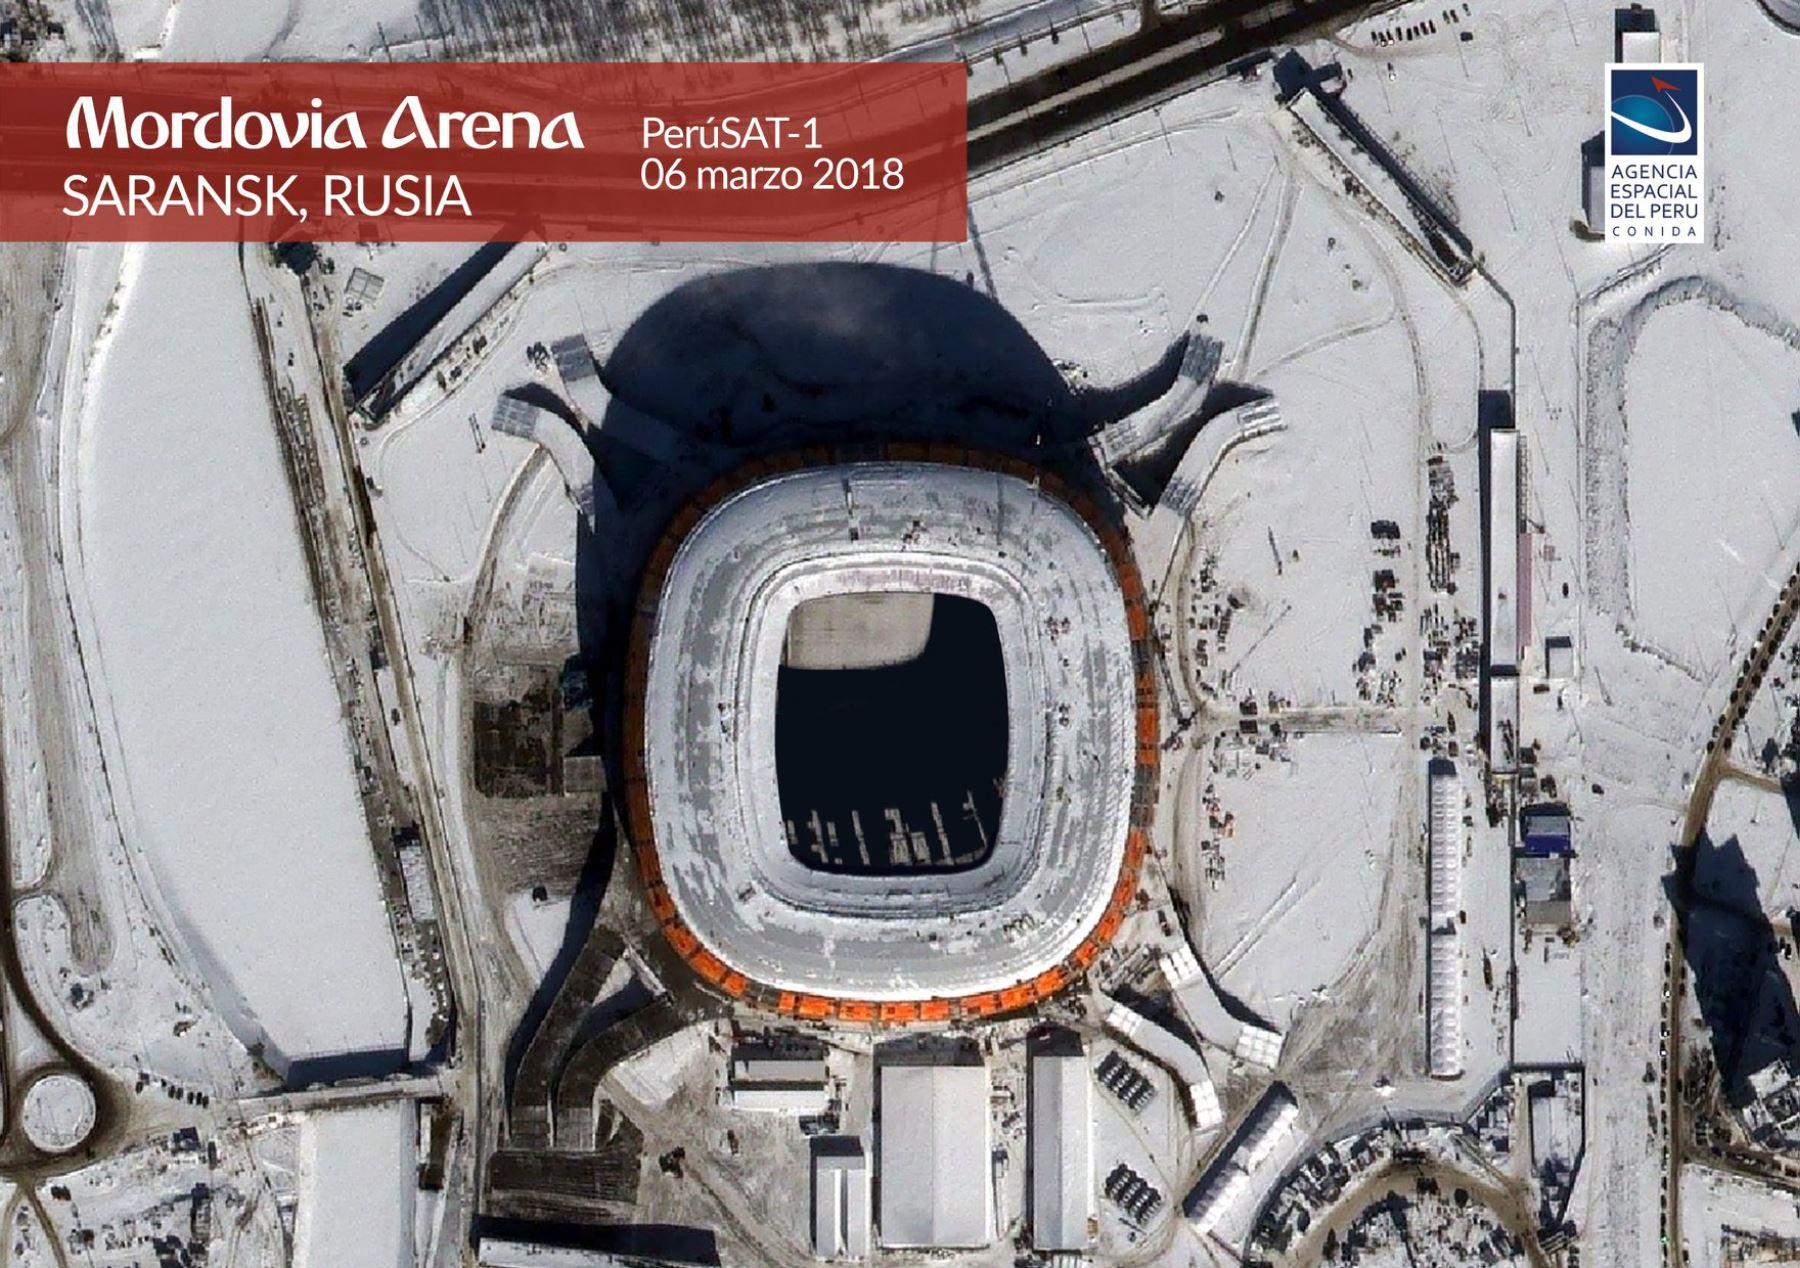 Estadio Mordovia Arenavista desde la Agencia Espacial del Perú-CONIDA .Foto: ANDINA/Norman Córdova